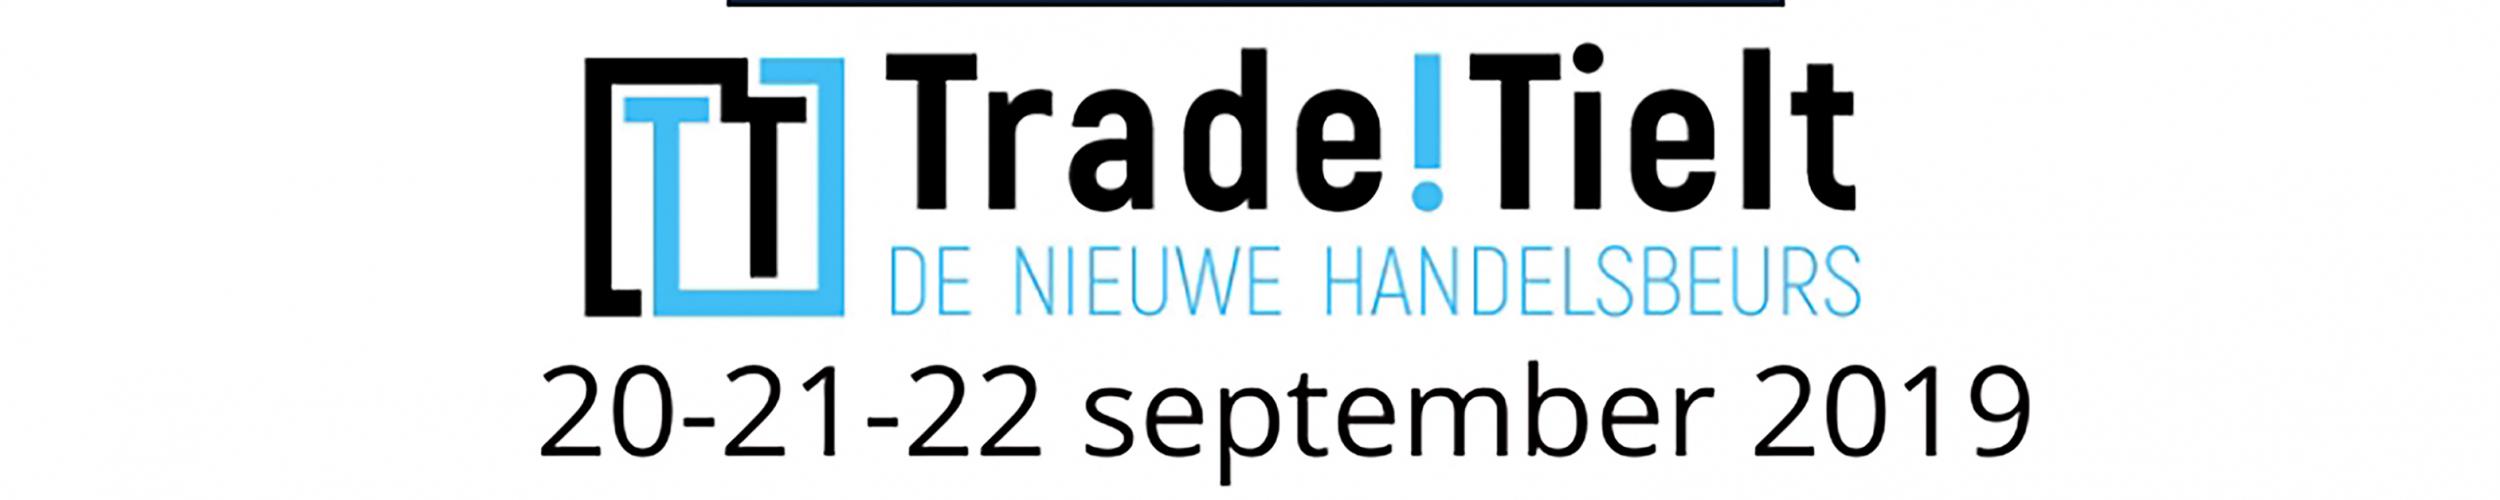 Trade!Tielt